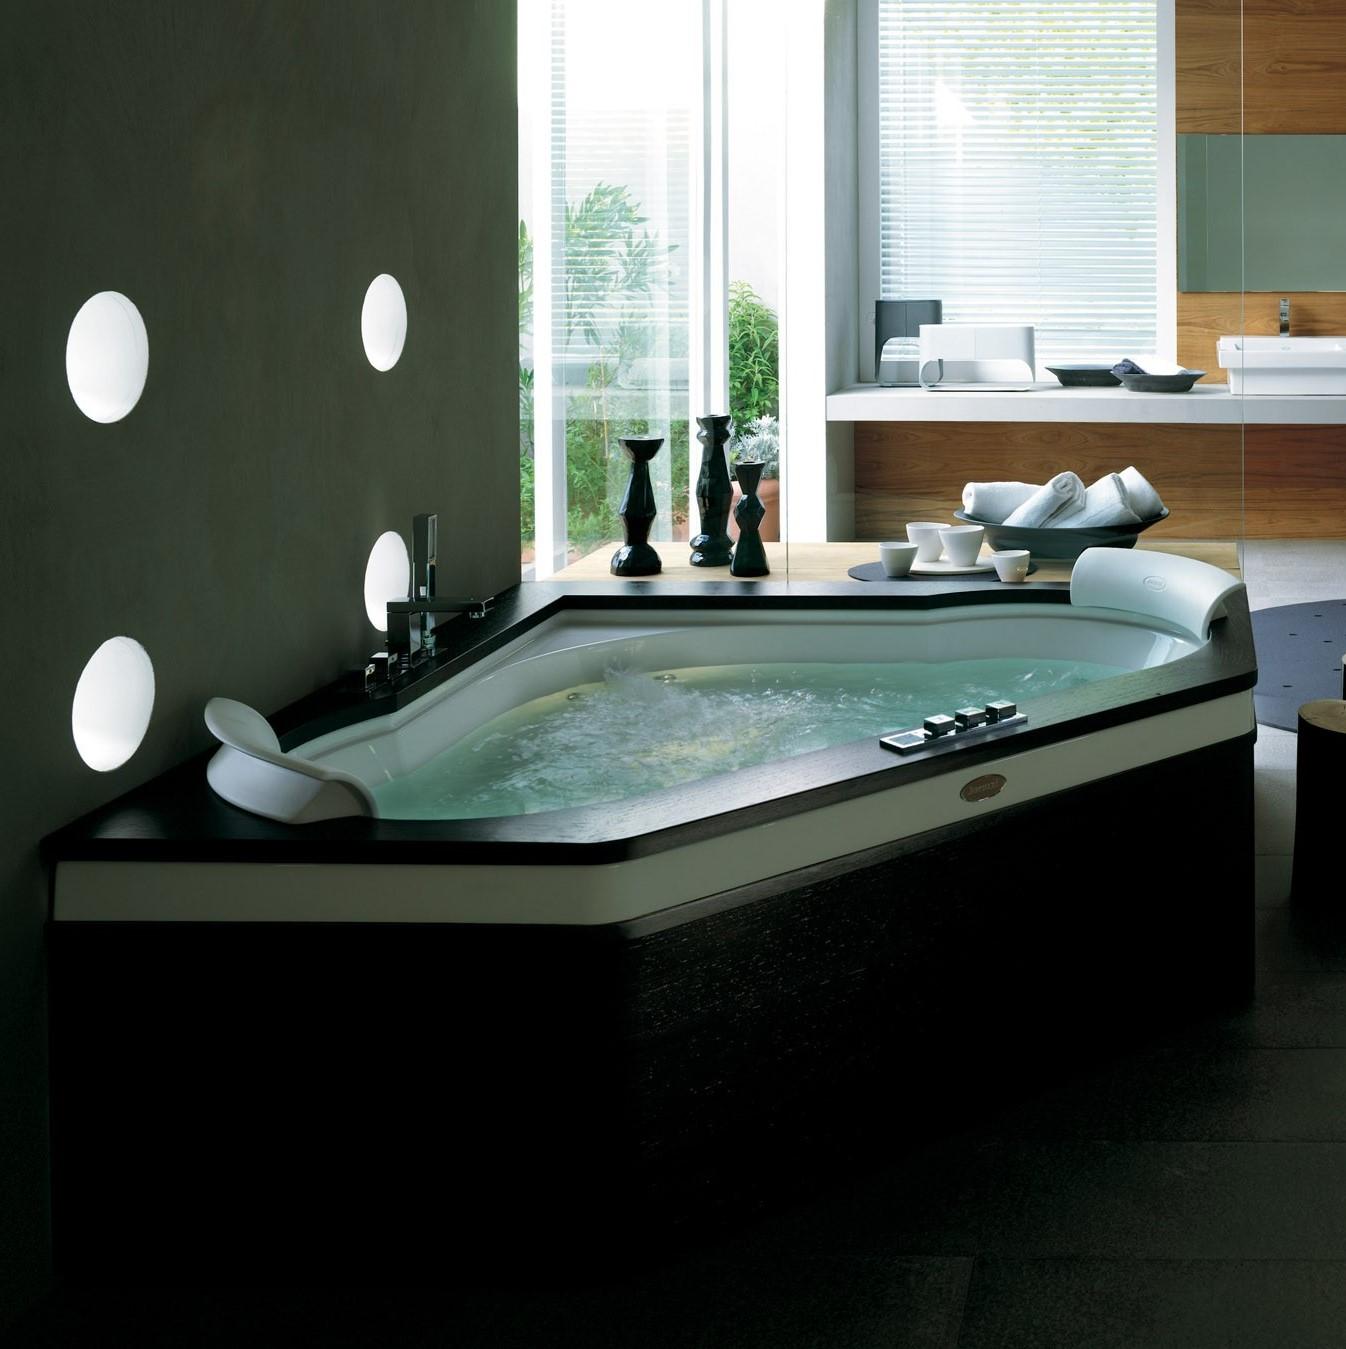 часто ванна джакузи угловая владивосток вынуждены длительное время